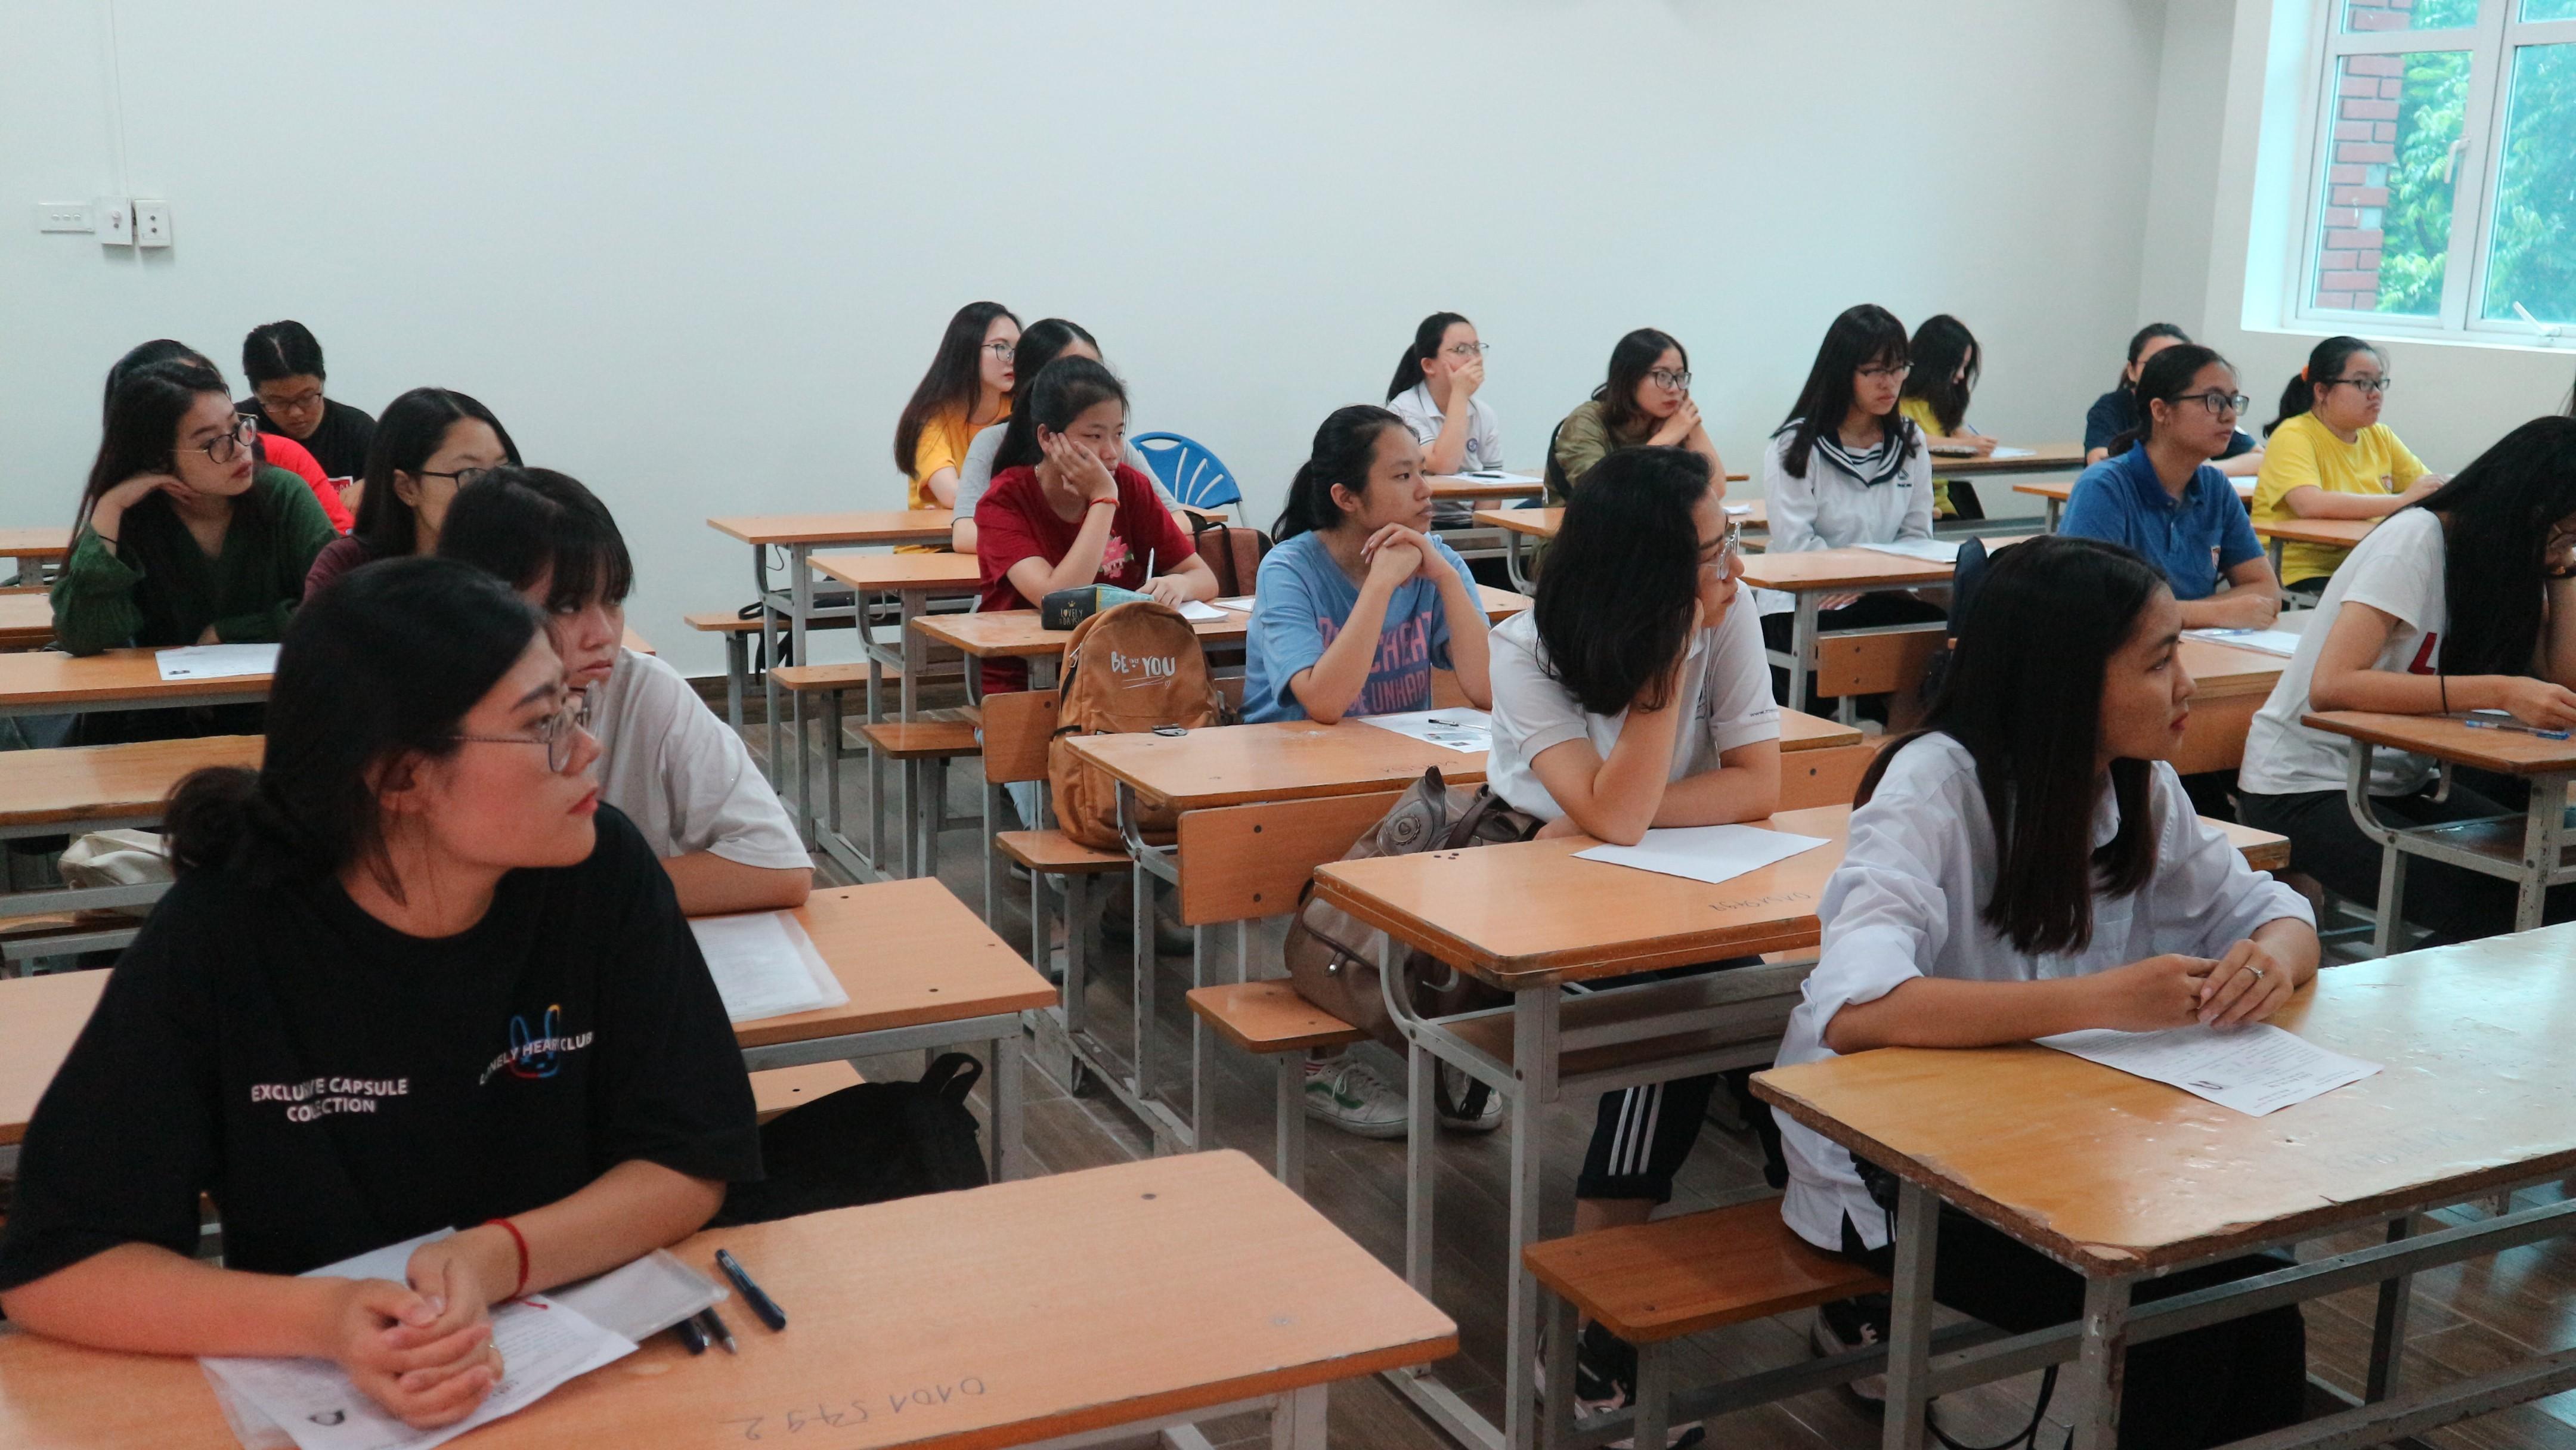 Thông tin mới nhất về kỳ thi truyển sinh riêng của trường đại học Bách khoa Hà Nội-1